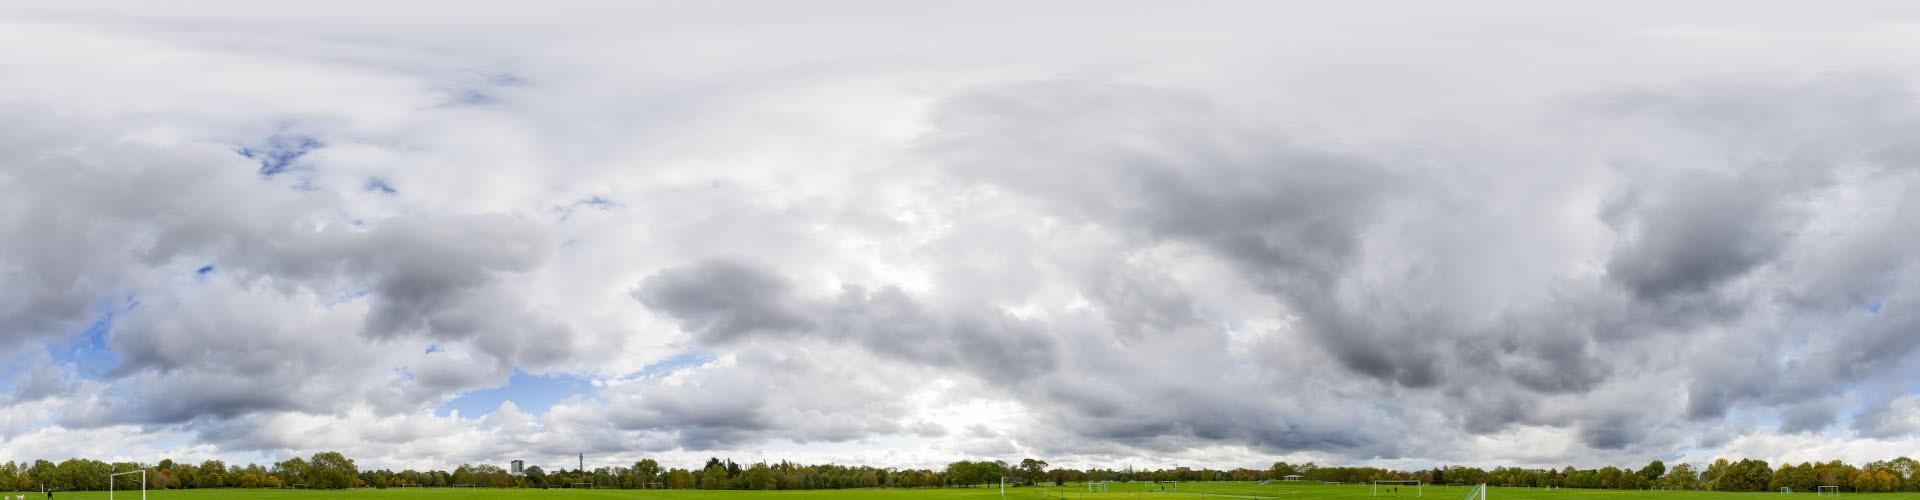 Stormy Clouds 5949 (30k) HDRI